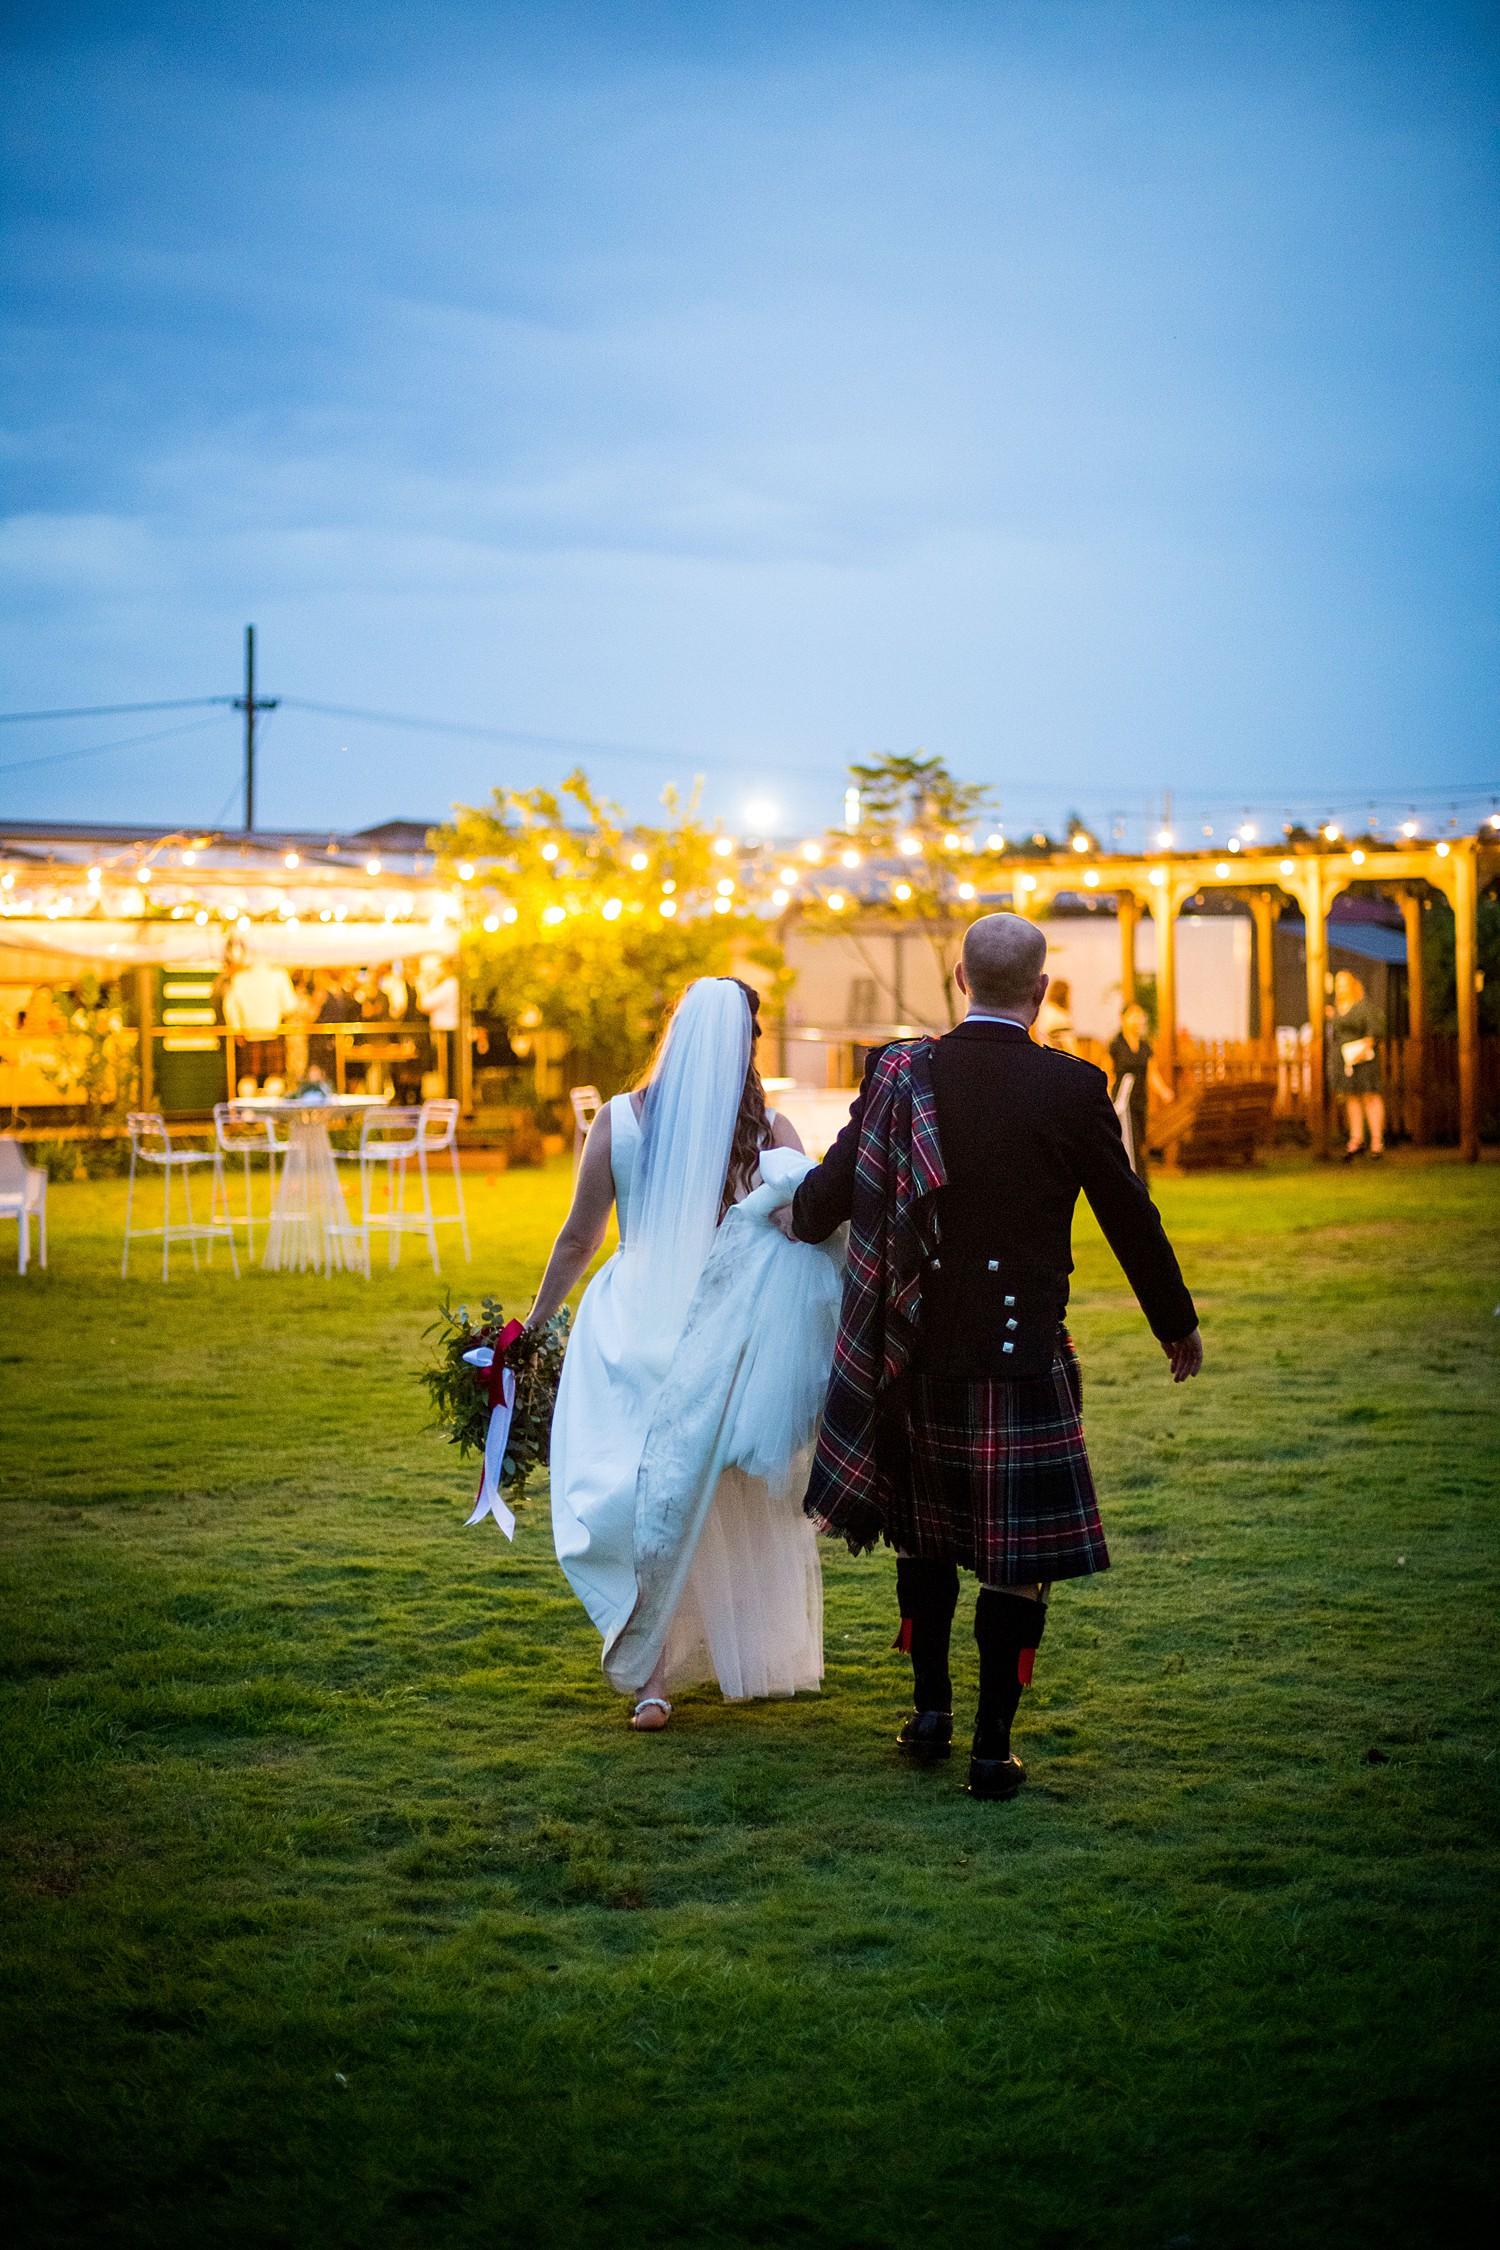 perth_swan_valley_scottish_rainy_wedding_0112.jpg